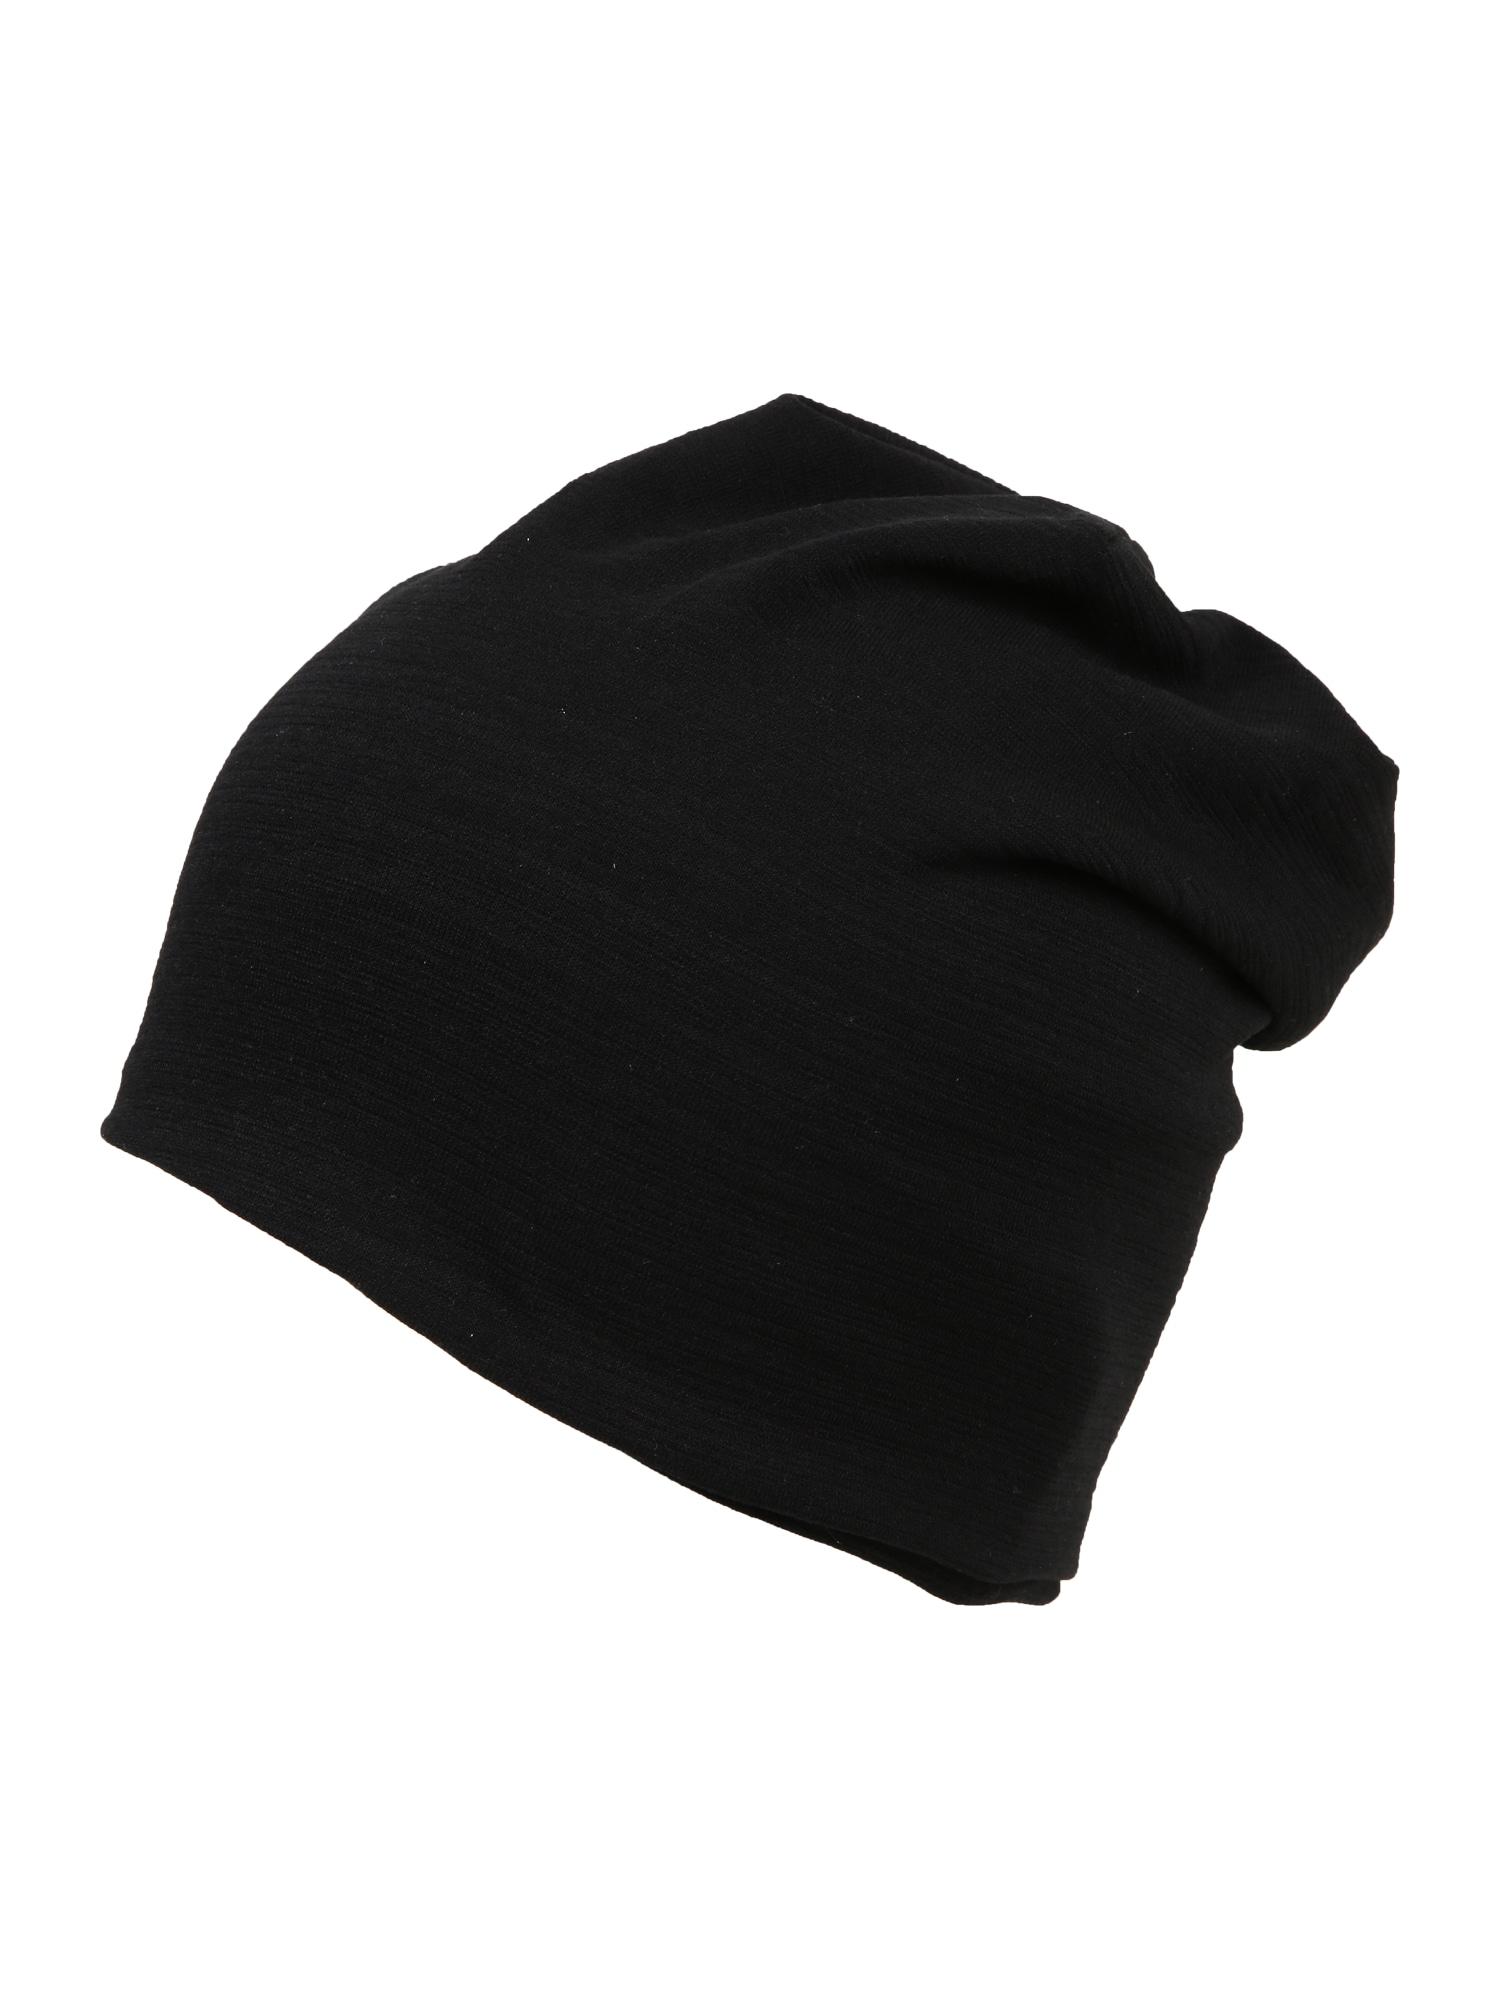 chillouts Megzta kepurė 'Skive' juoda